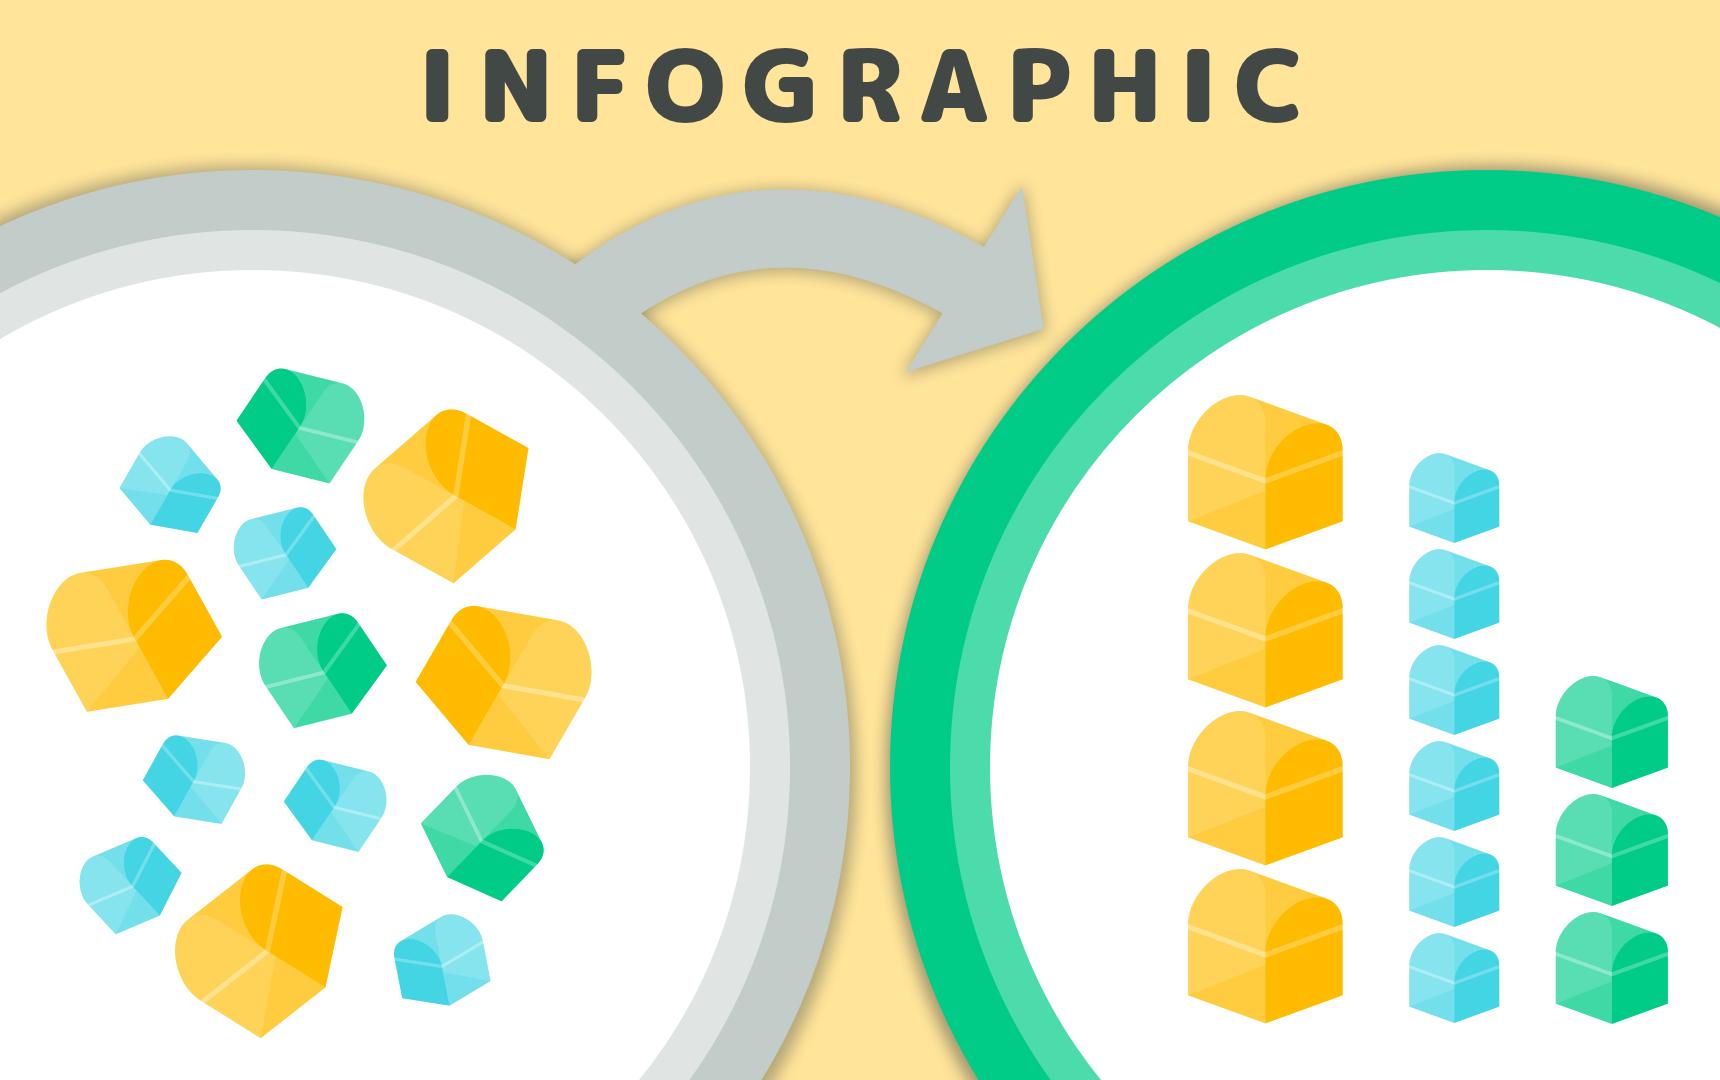 インフォグラフィックイメージ